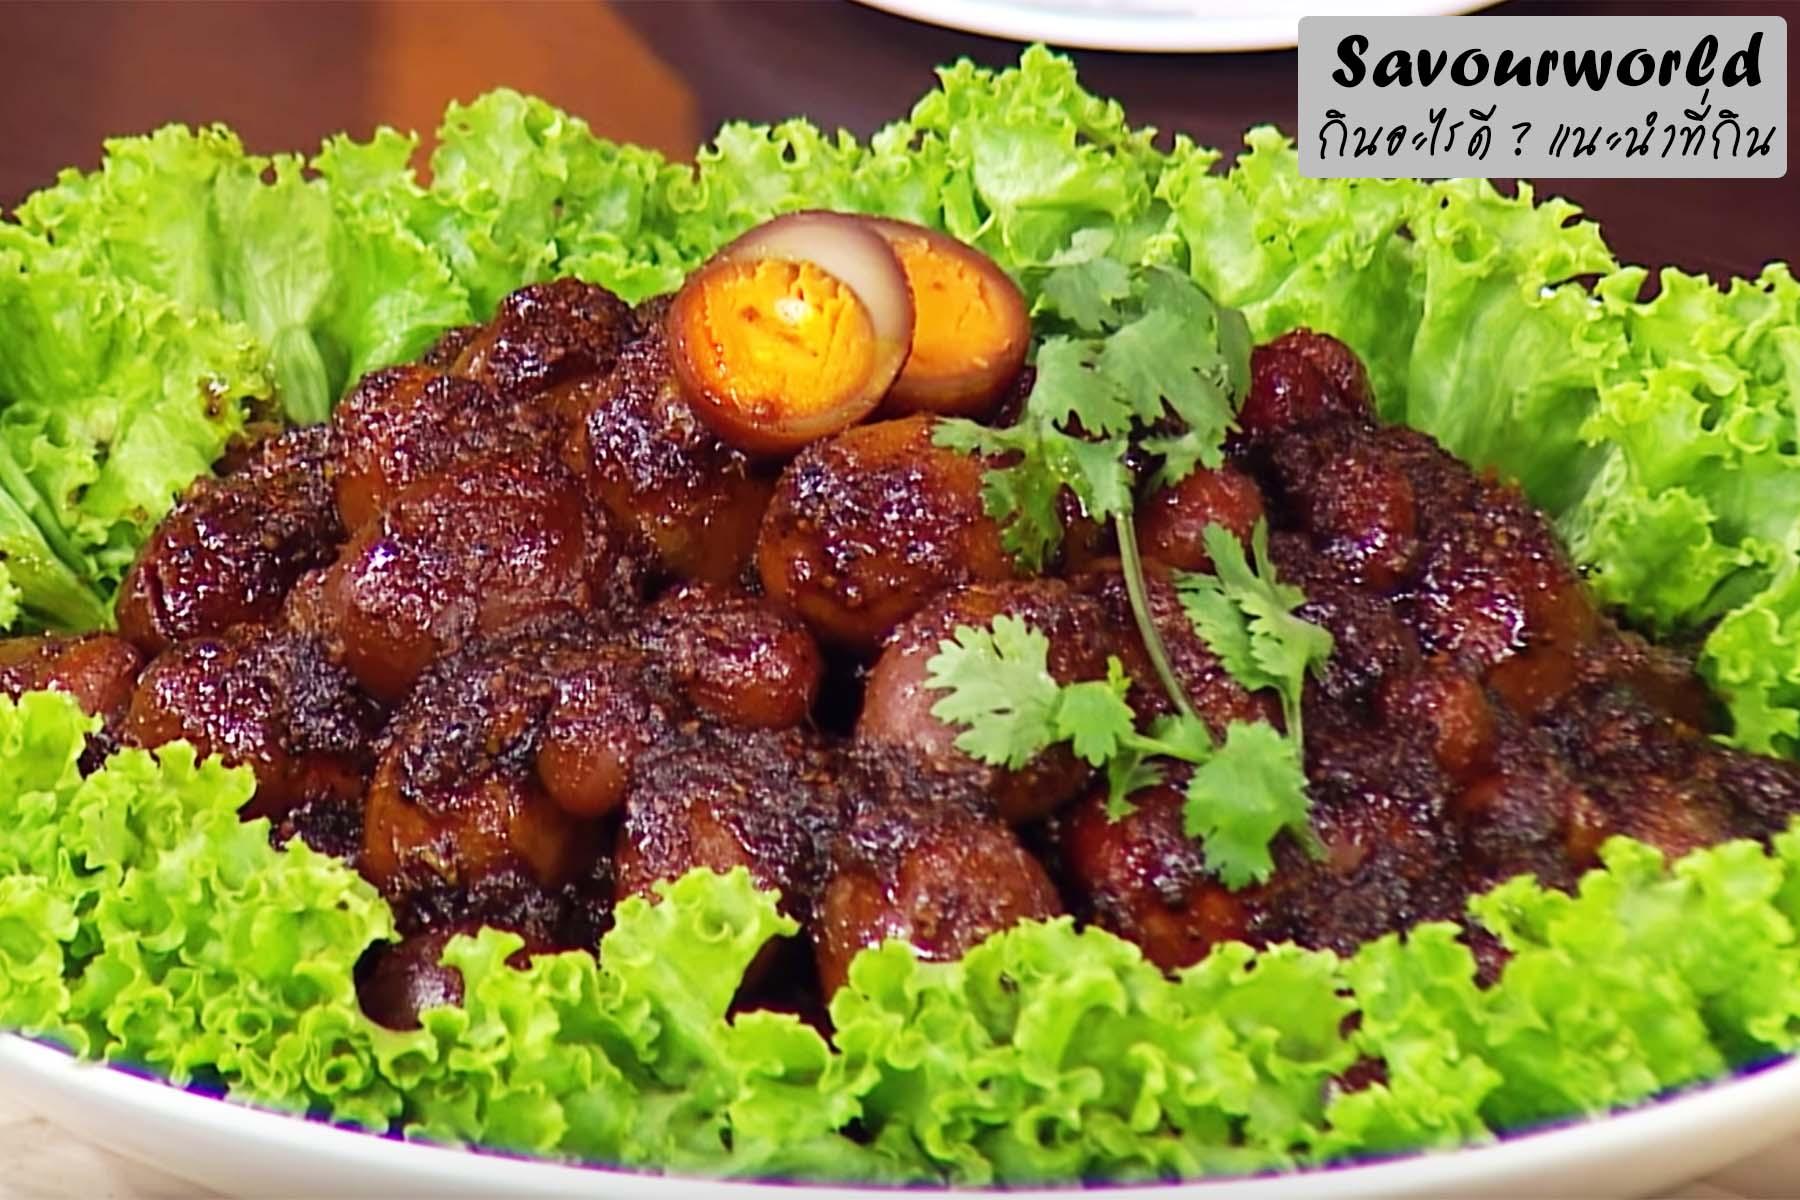 เมนูไข่ขมิ้น อีกหนึ่งความอร่อยที่เหมาะกับการทำเป็นอาหารเย็น - savourworld.com